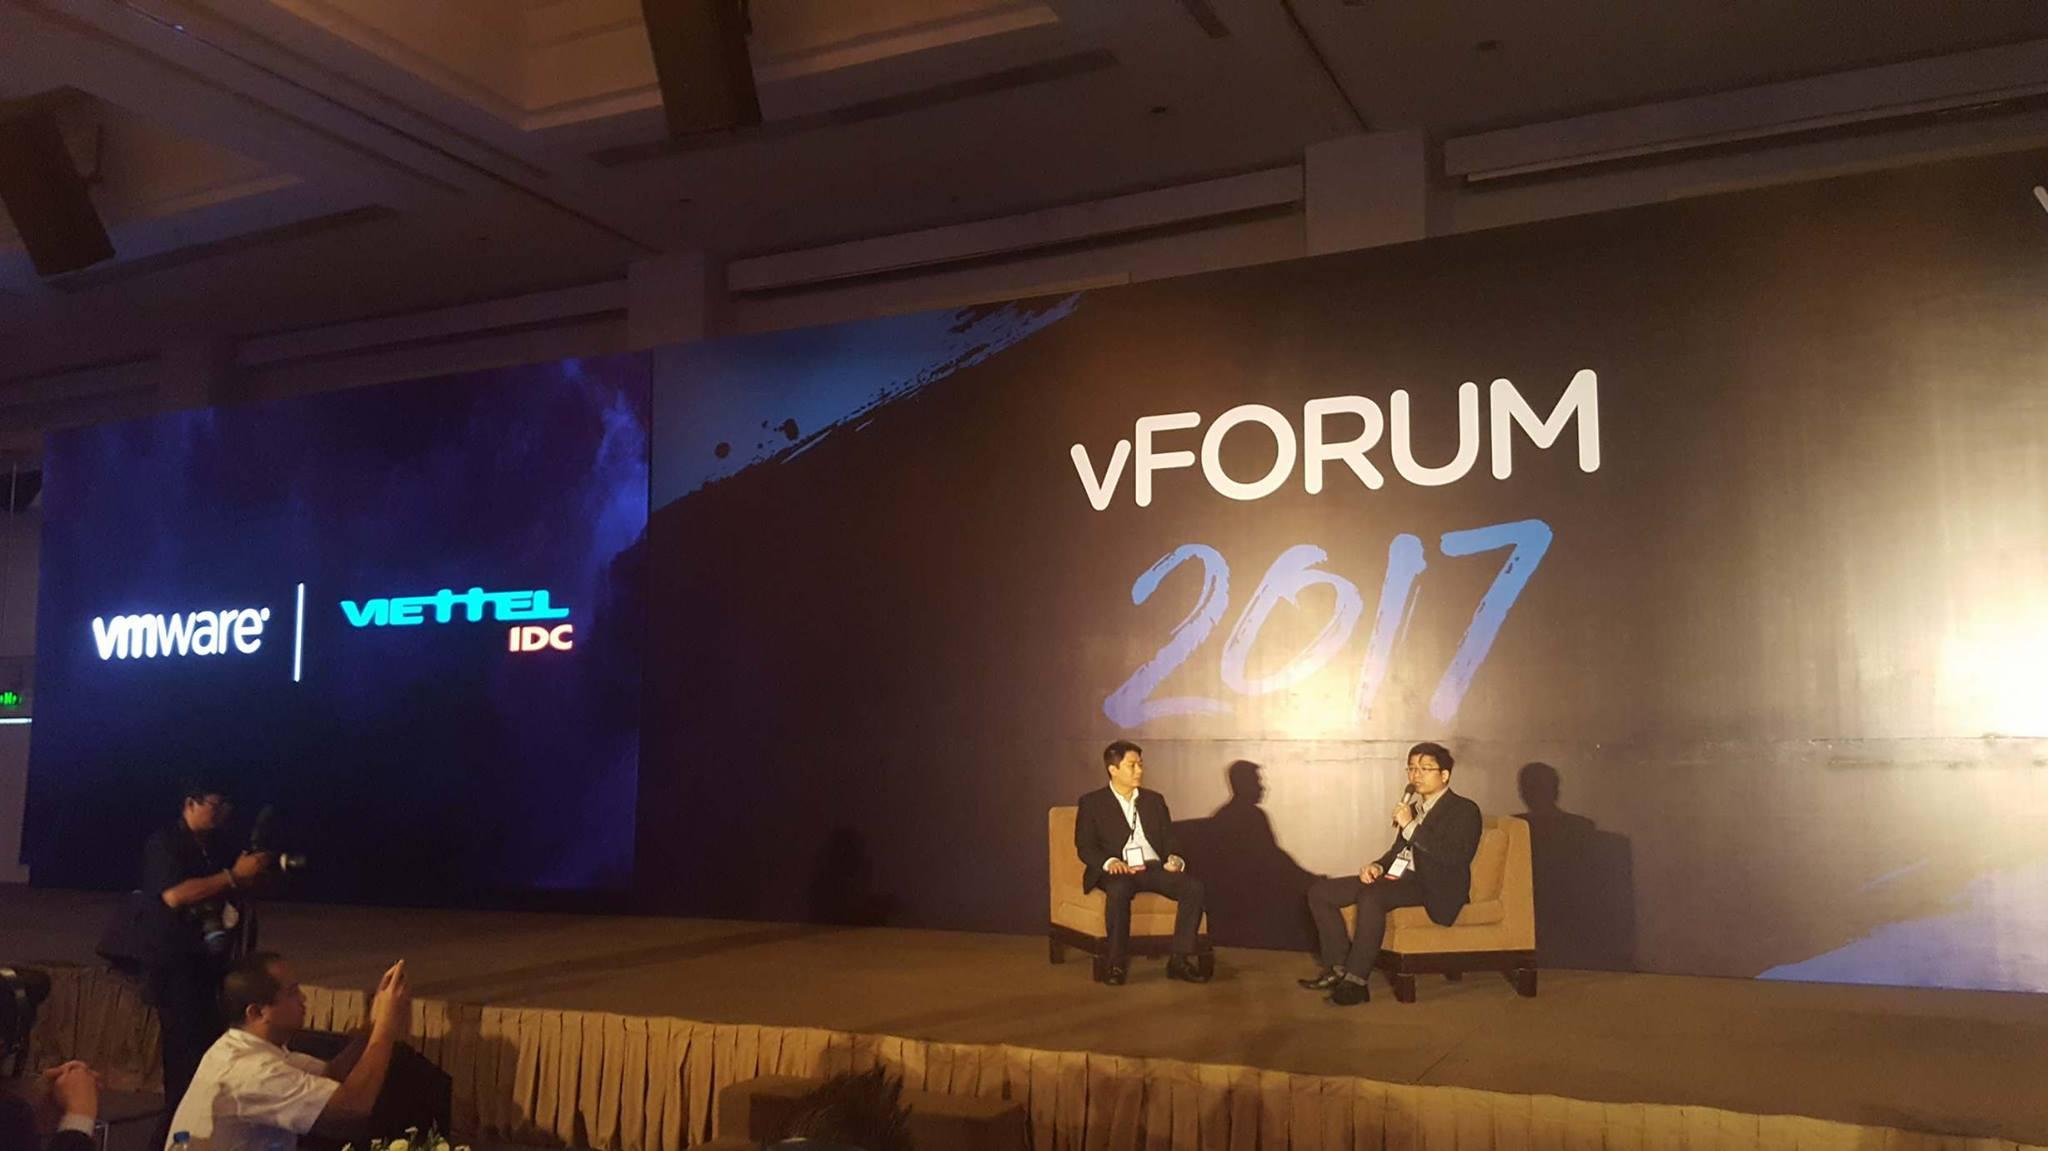 vForum 2017: Điện toán đám mây là xu hướng chính của doanh nghiệp